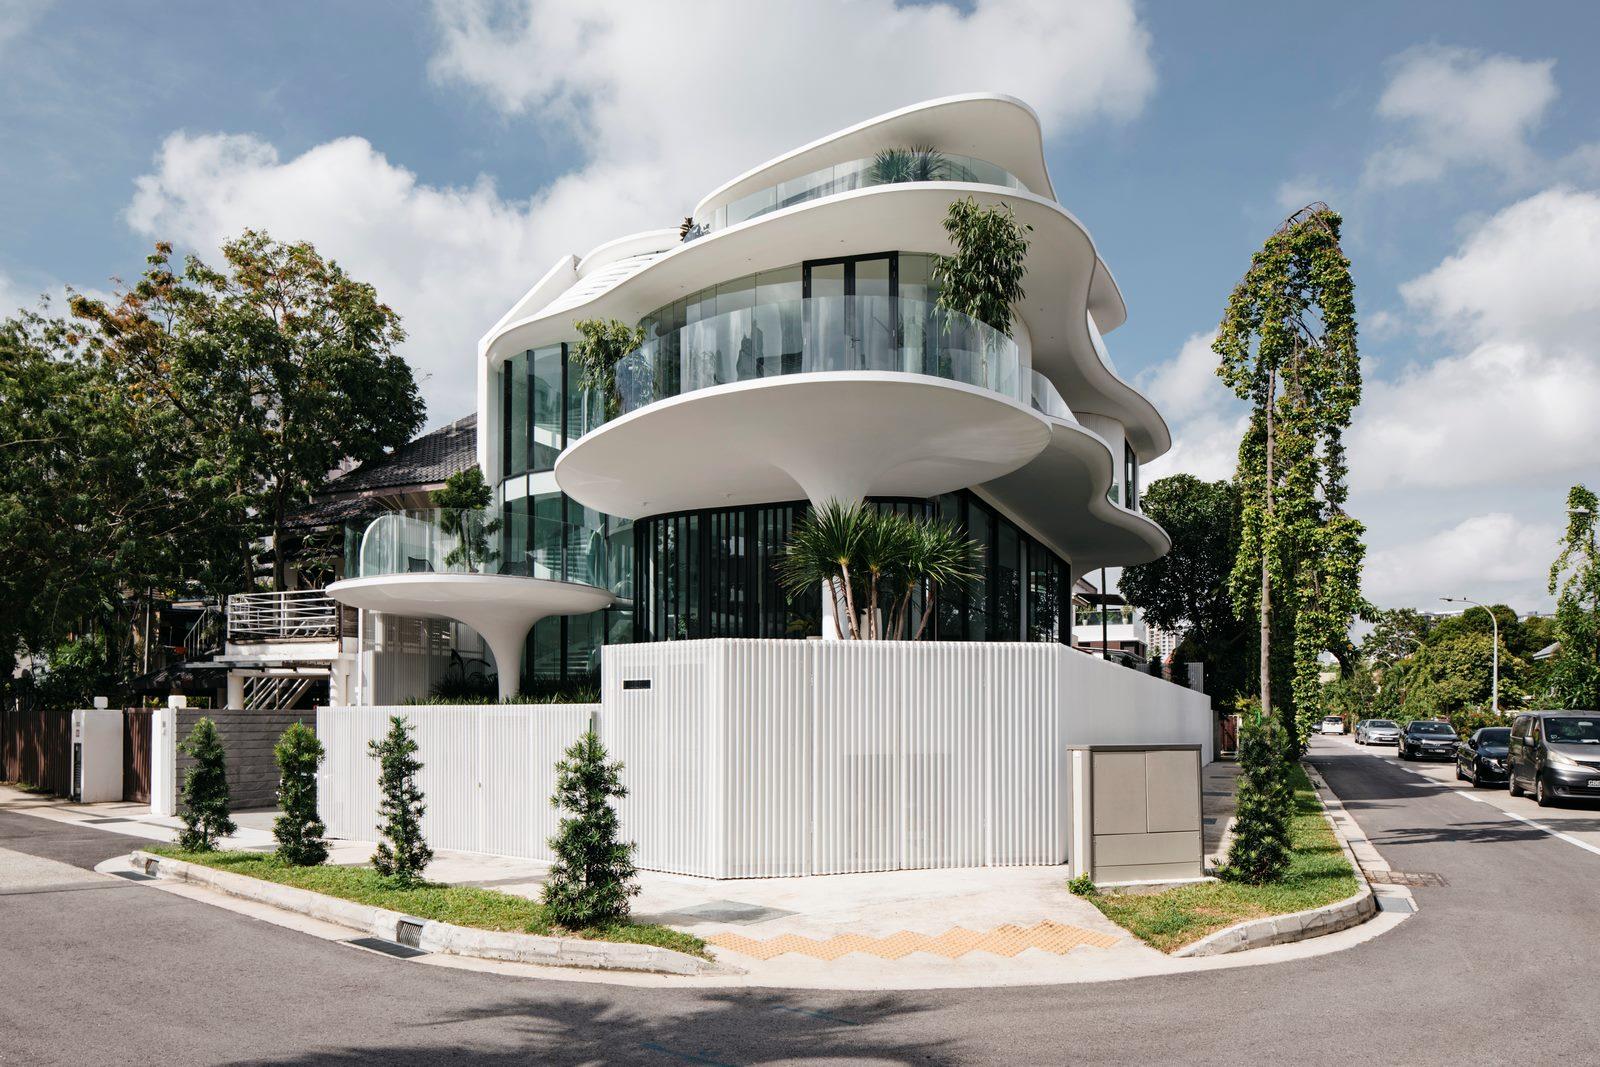 Con las curvas y sensualidad femenina EHKA STUDIO diseñó Stiletto House 30